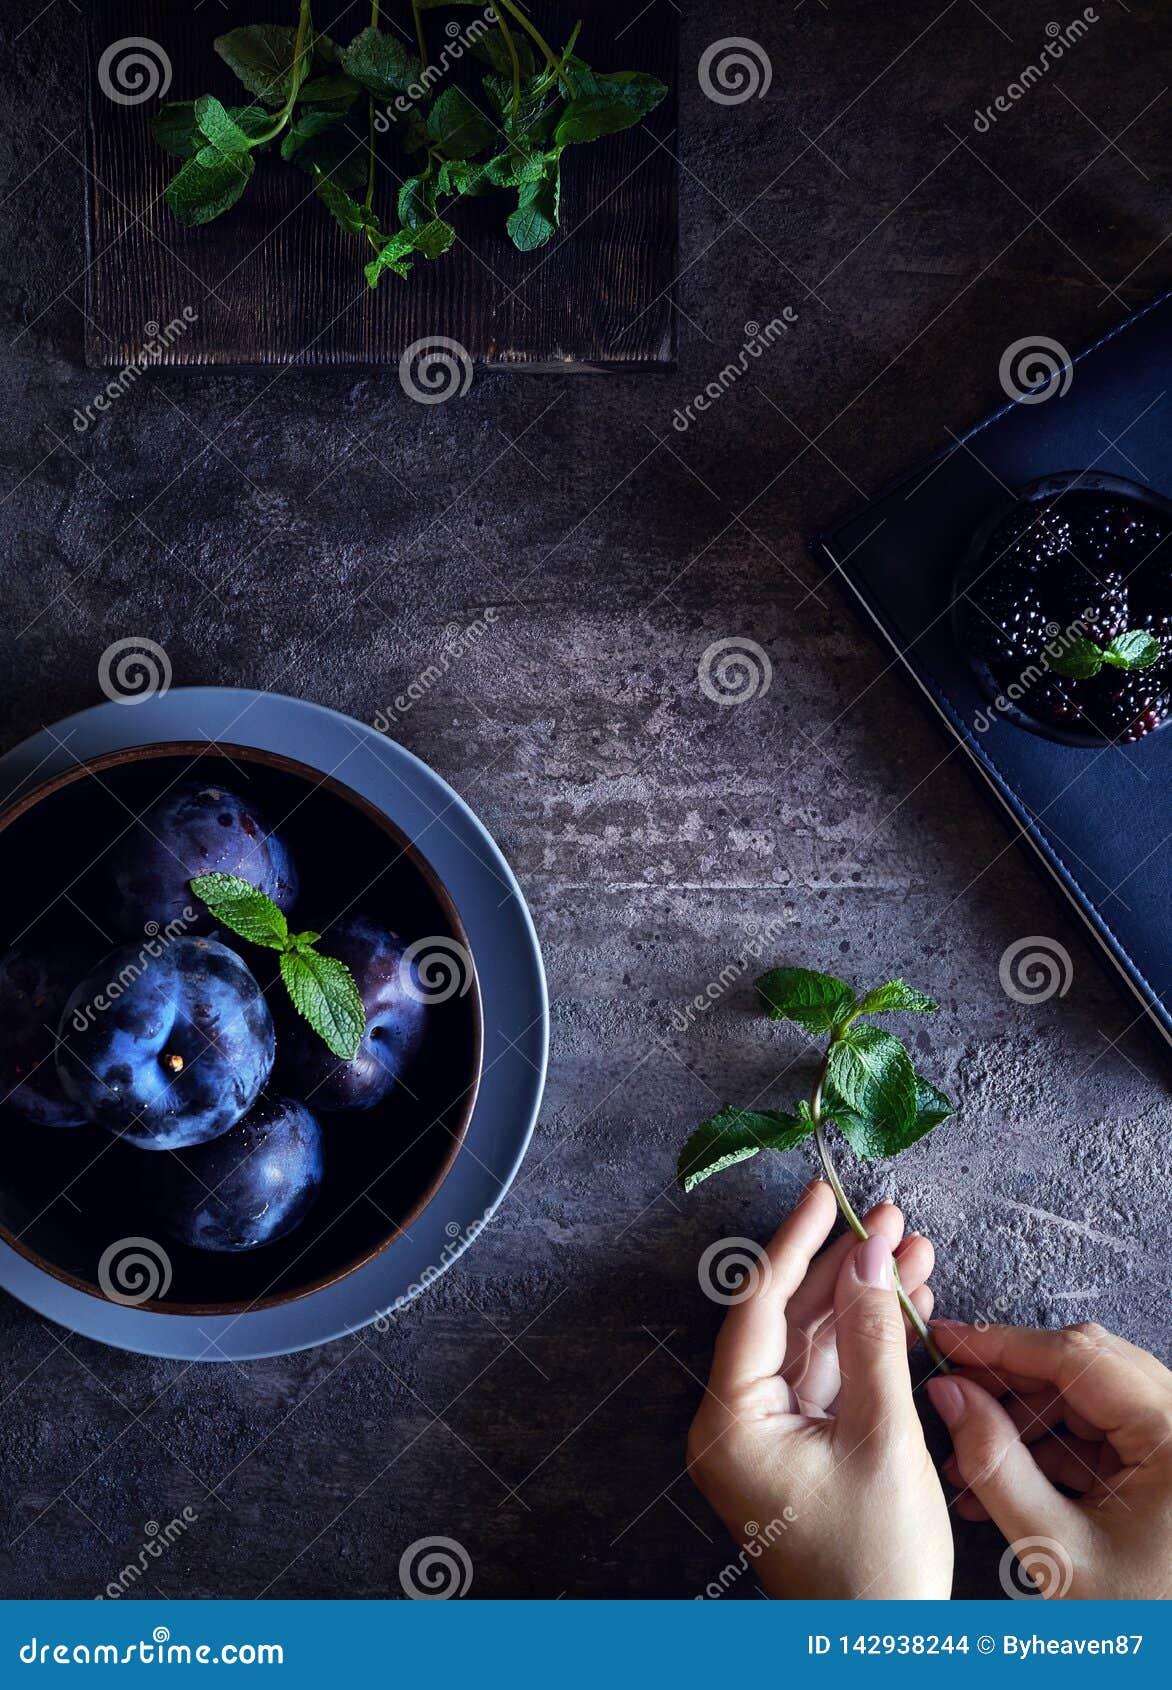 Donkere voedselfoto met braambes, pruimen en munt